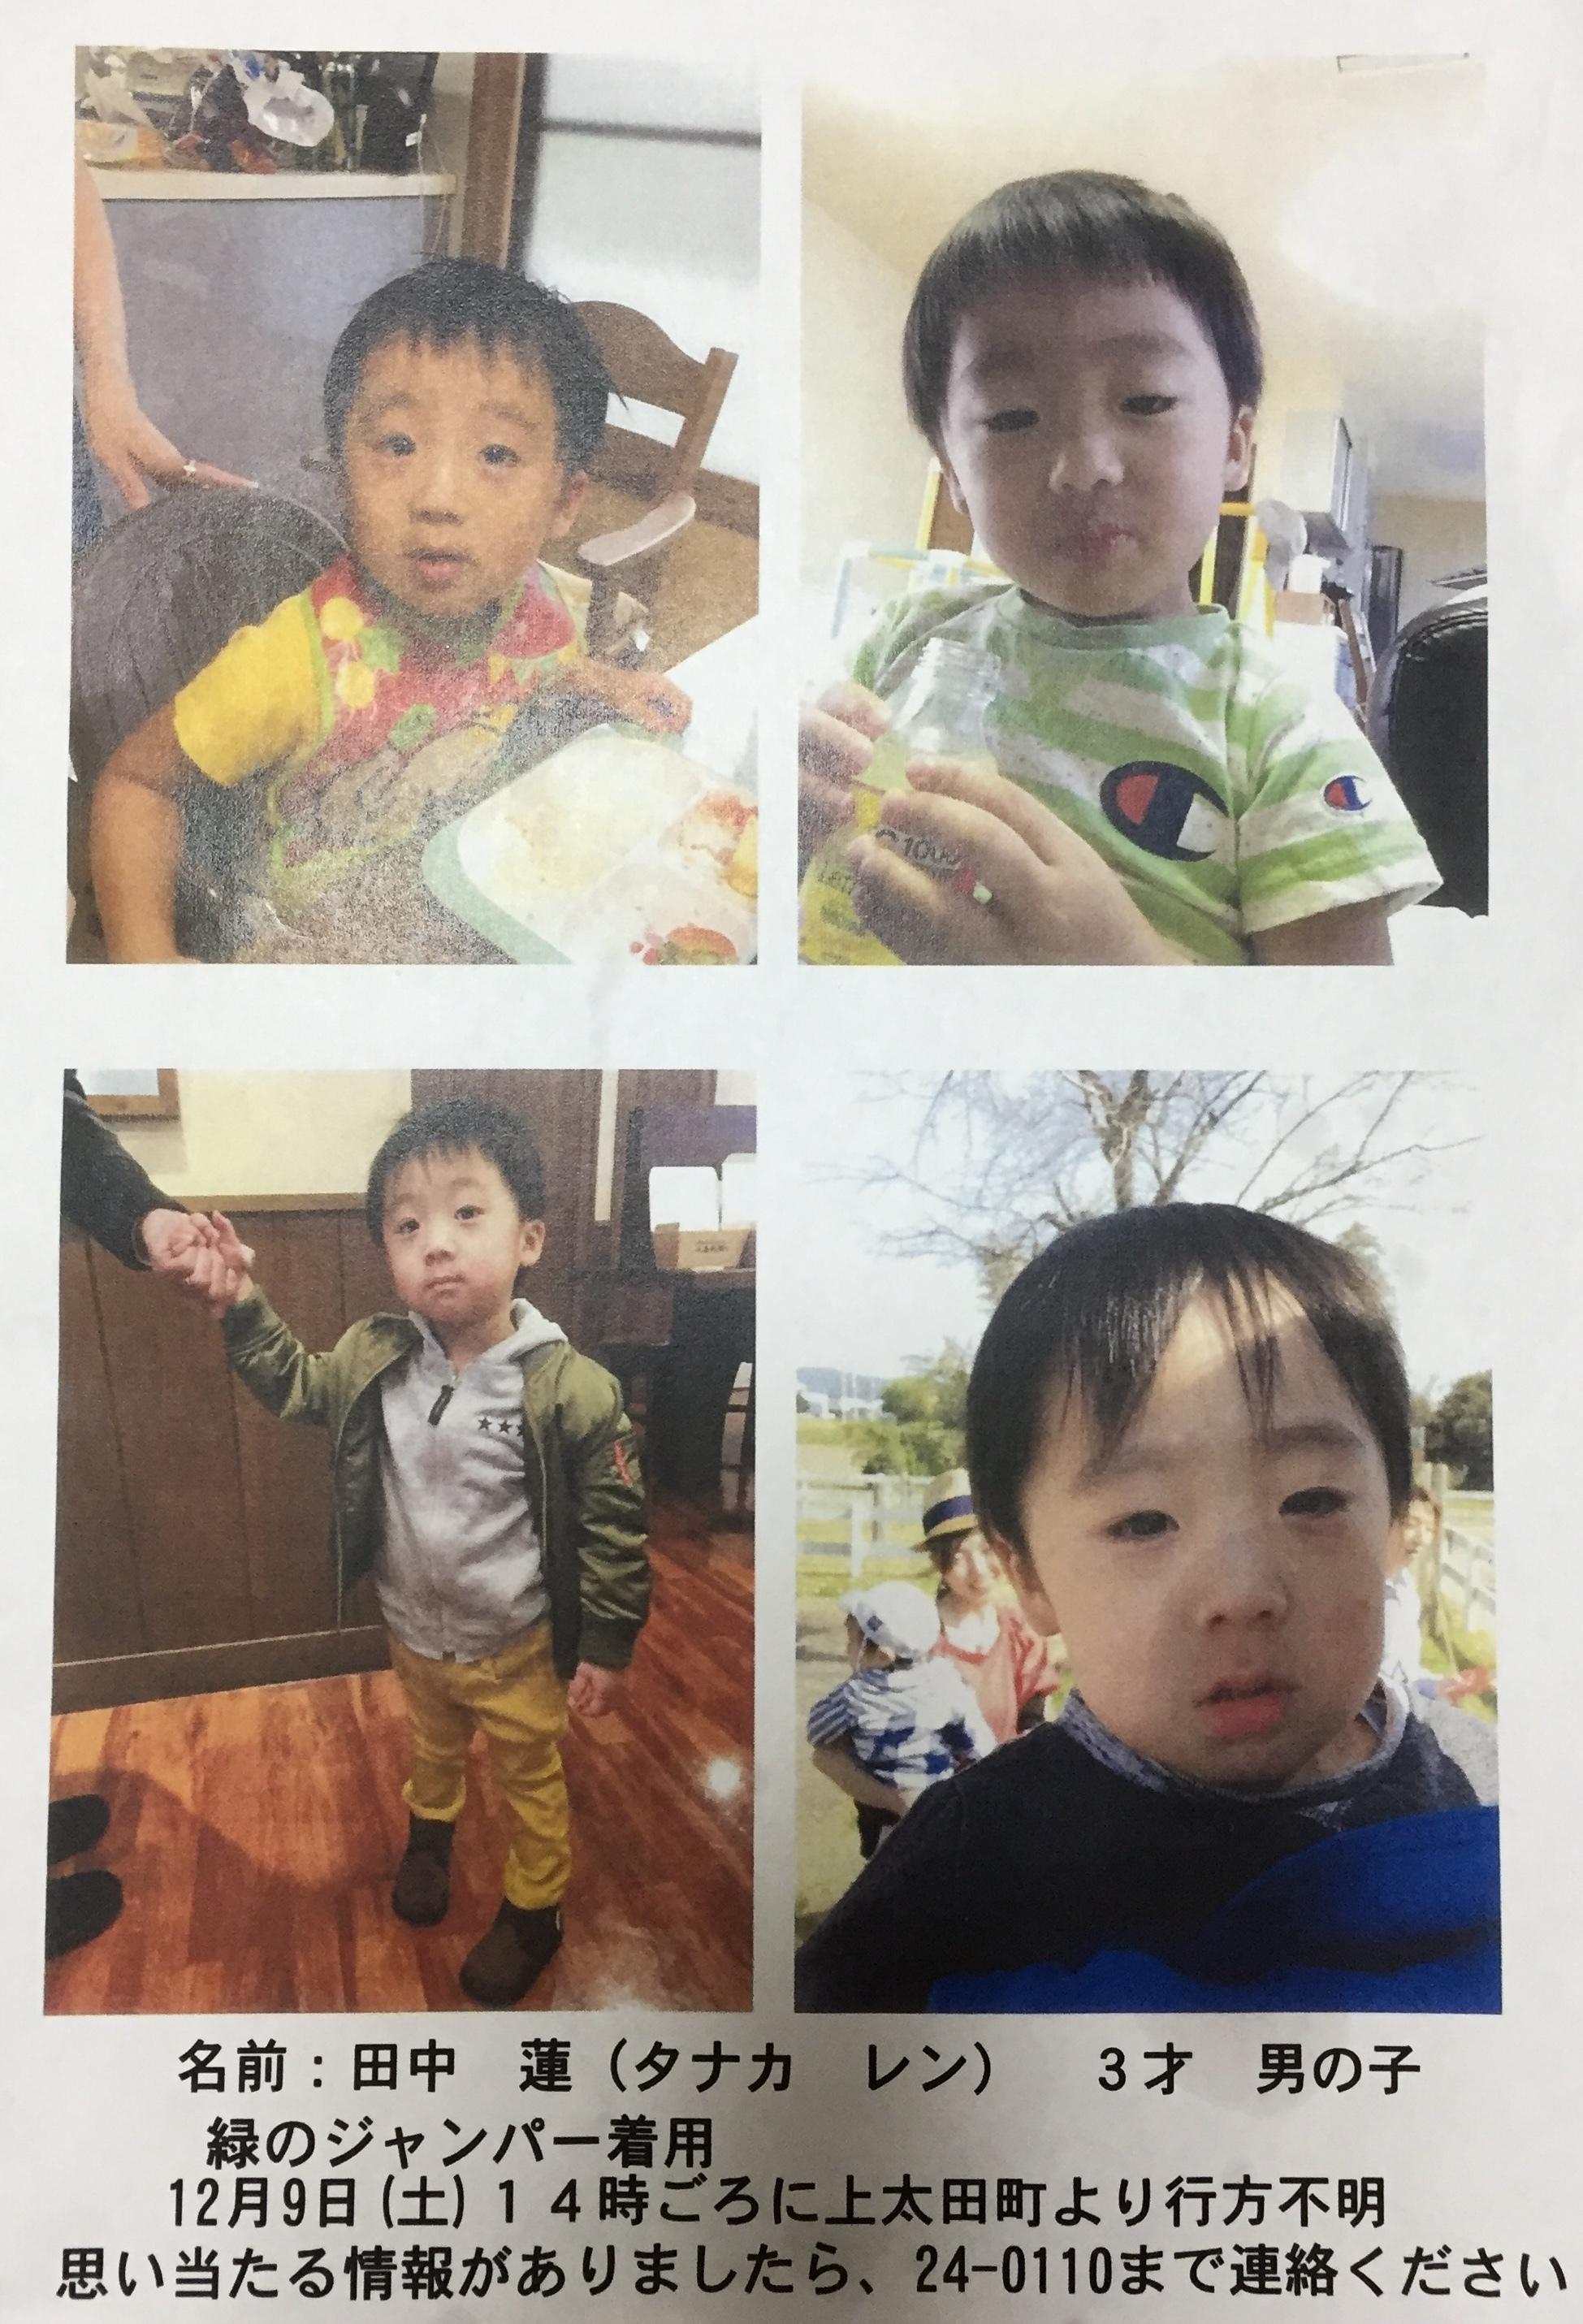 20171210_行方不明_田中連君(3歳男児)